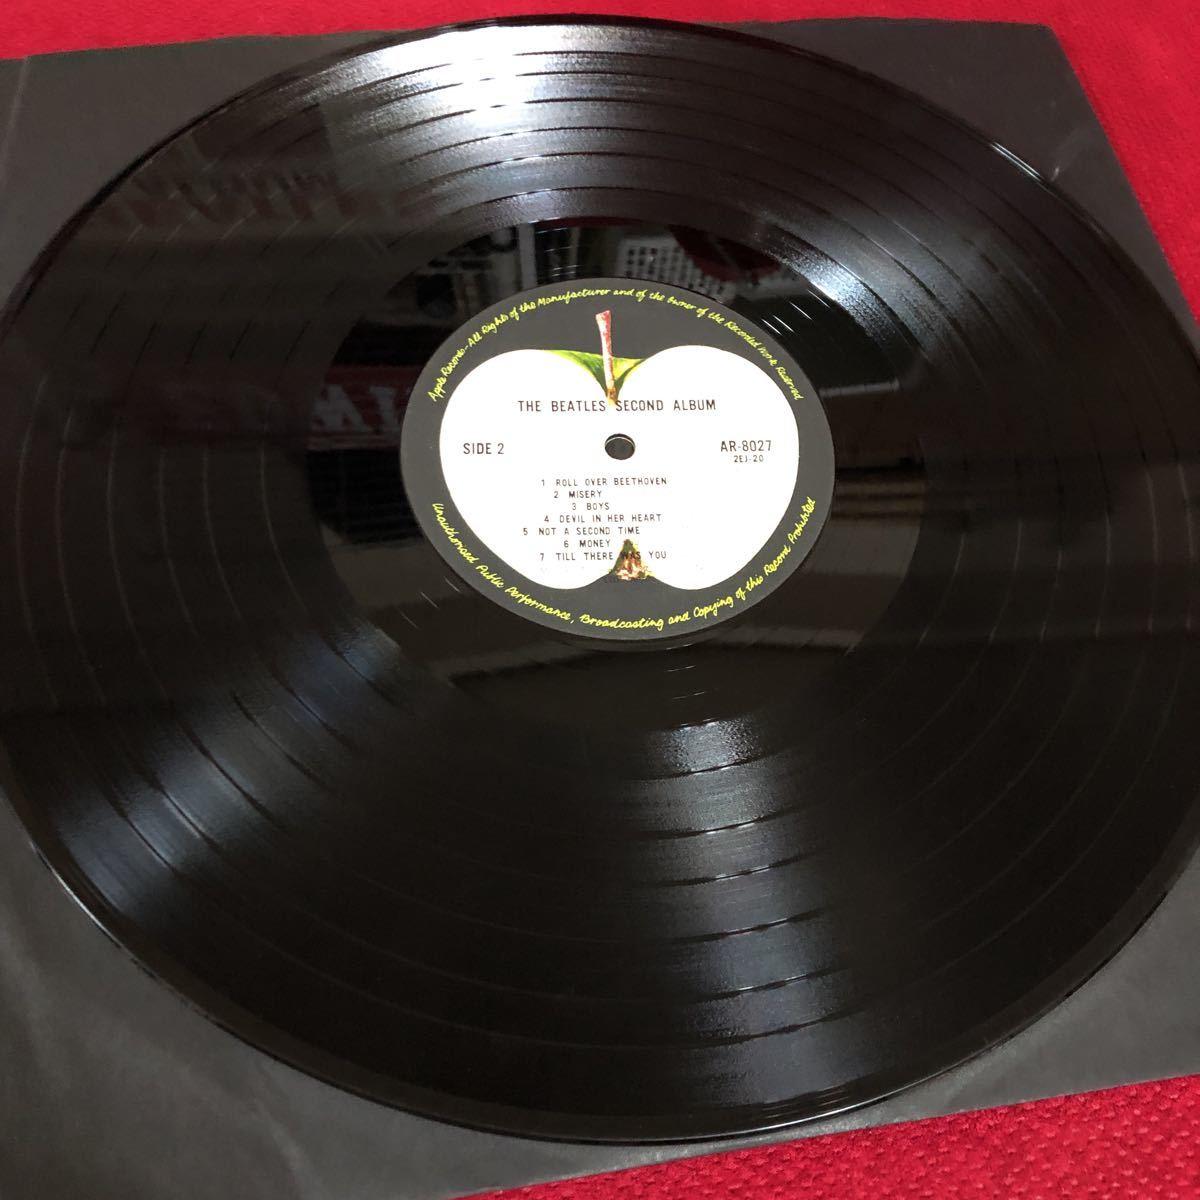 LPレコード★洋楽★THE BEATLES ★ビートルズNO.2!★SECOND ALBUM ★レコード多数出品中  紙ジャケ_画像6